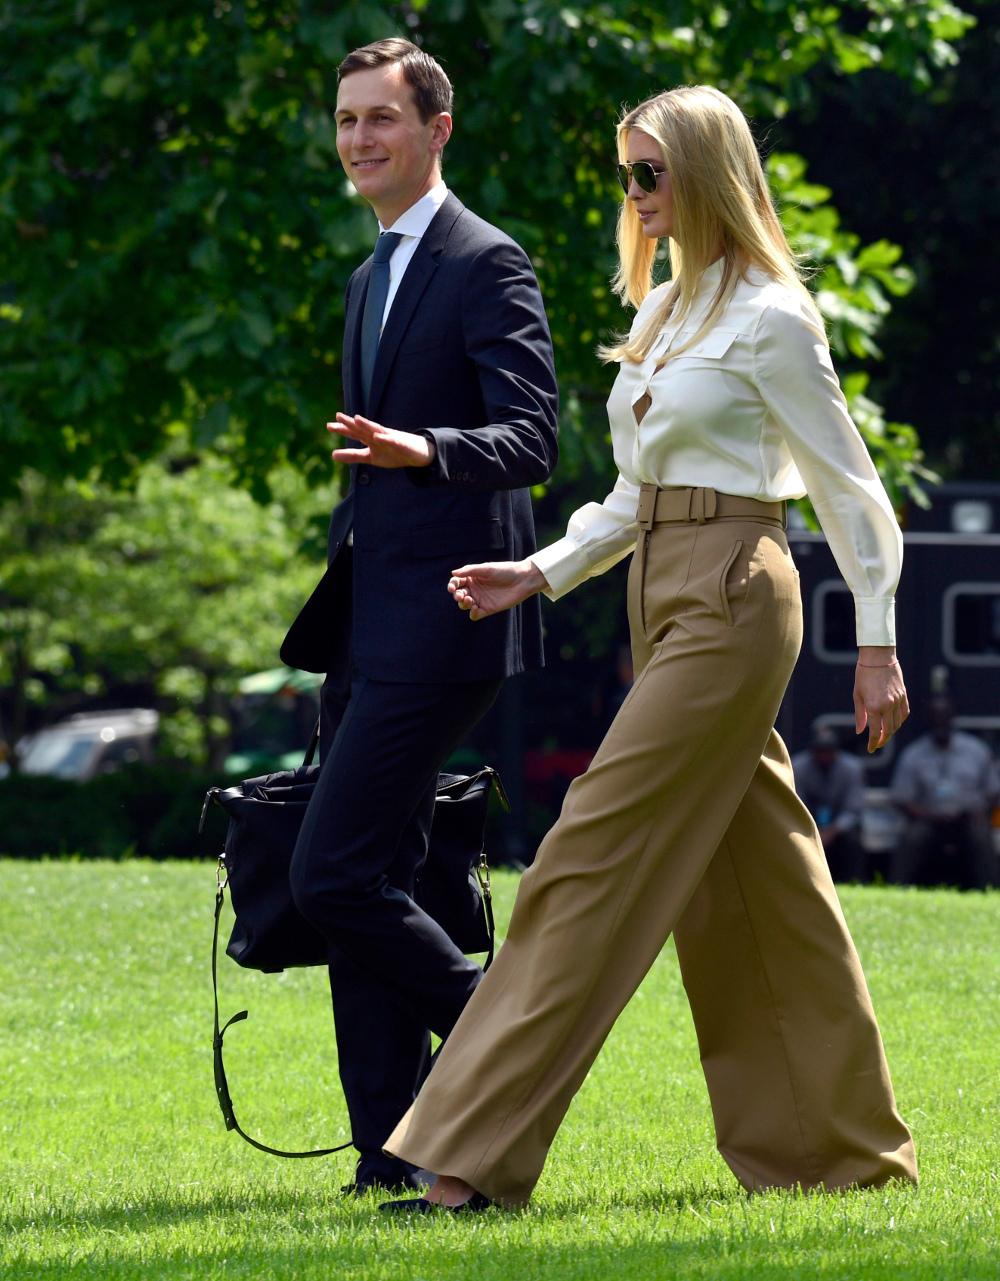 Μια παντελόνα που κοστίζει πολύ περισσότερα από τον μέσο μηνιαίο μισθό